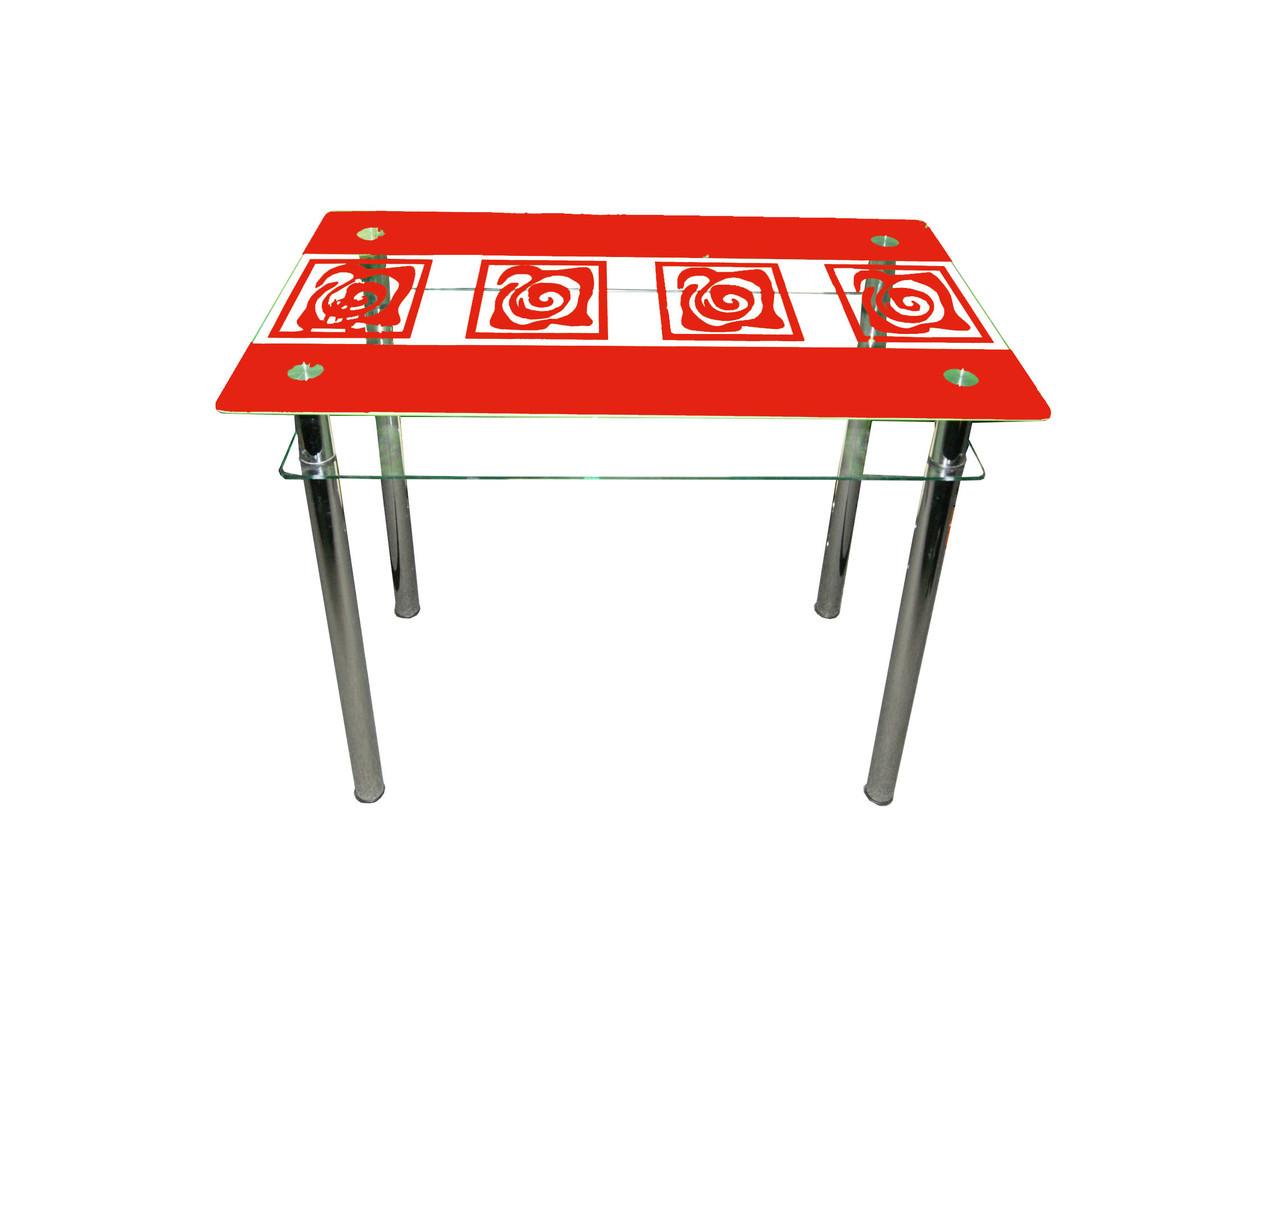 Стеклянный двухполочный стол Улитки красные красный рисунок